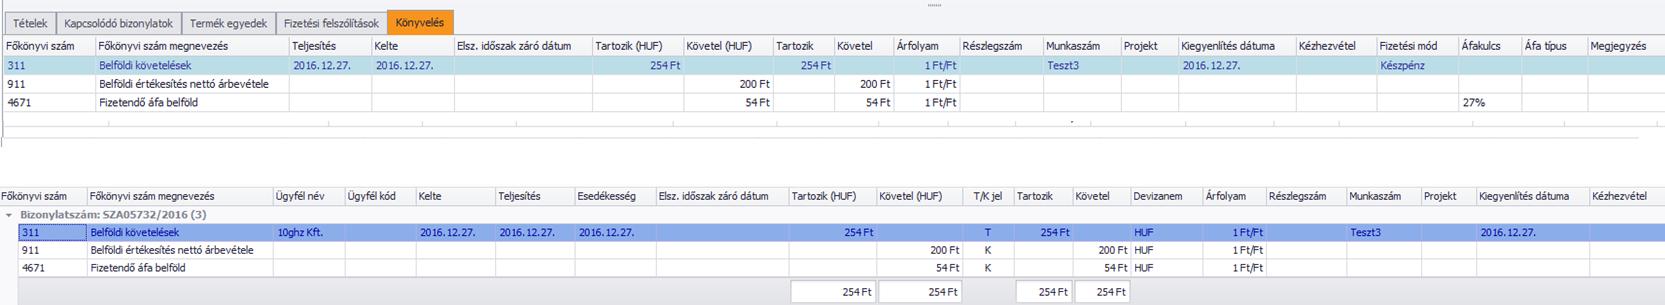 Könyvelés_adatok_2